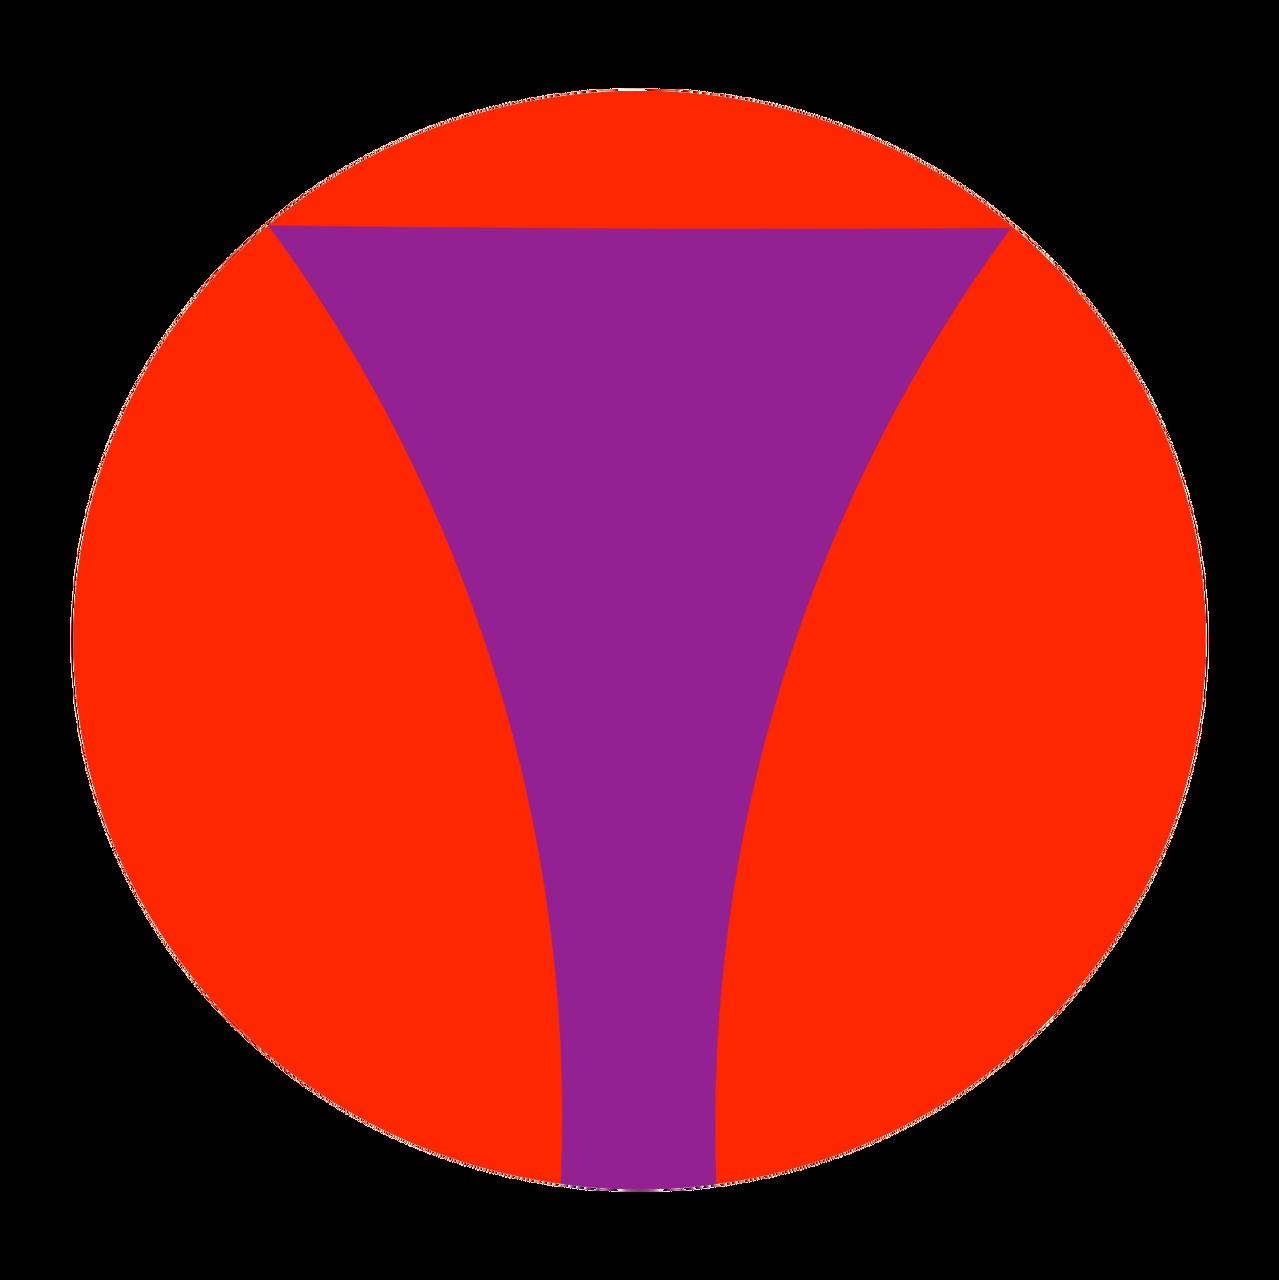 福之会 紋(赤紫)